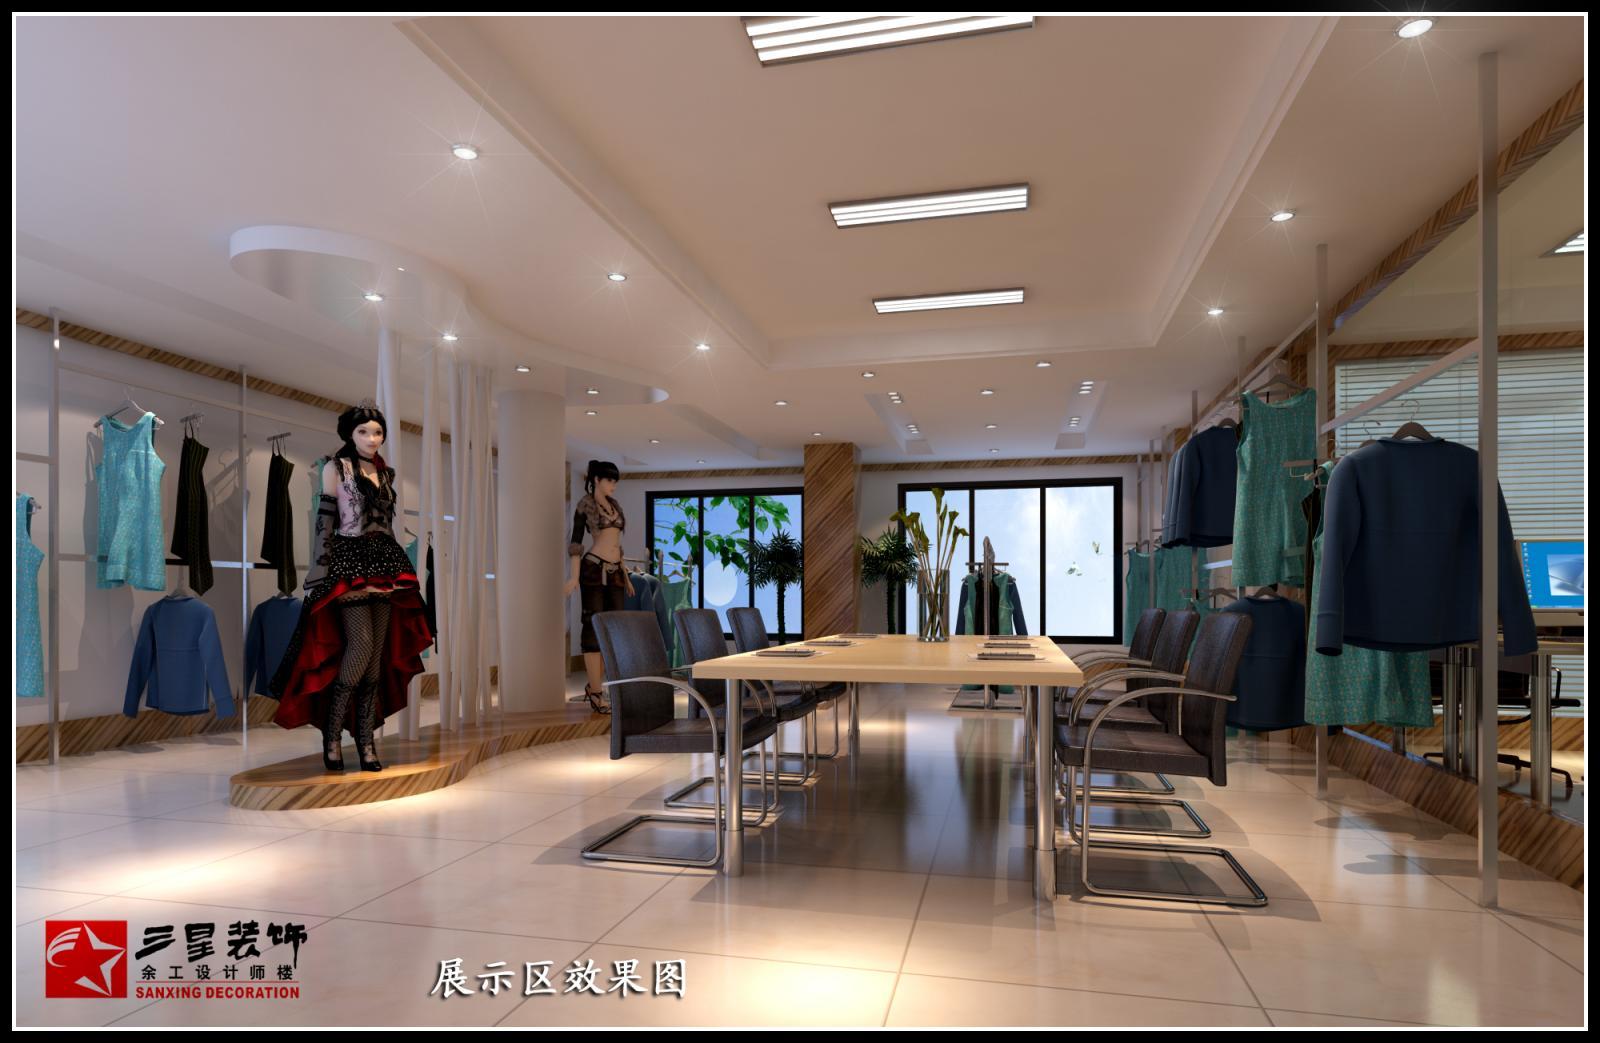 一室一厅法式风格休闲区墙绘